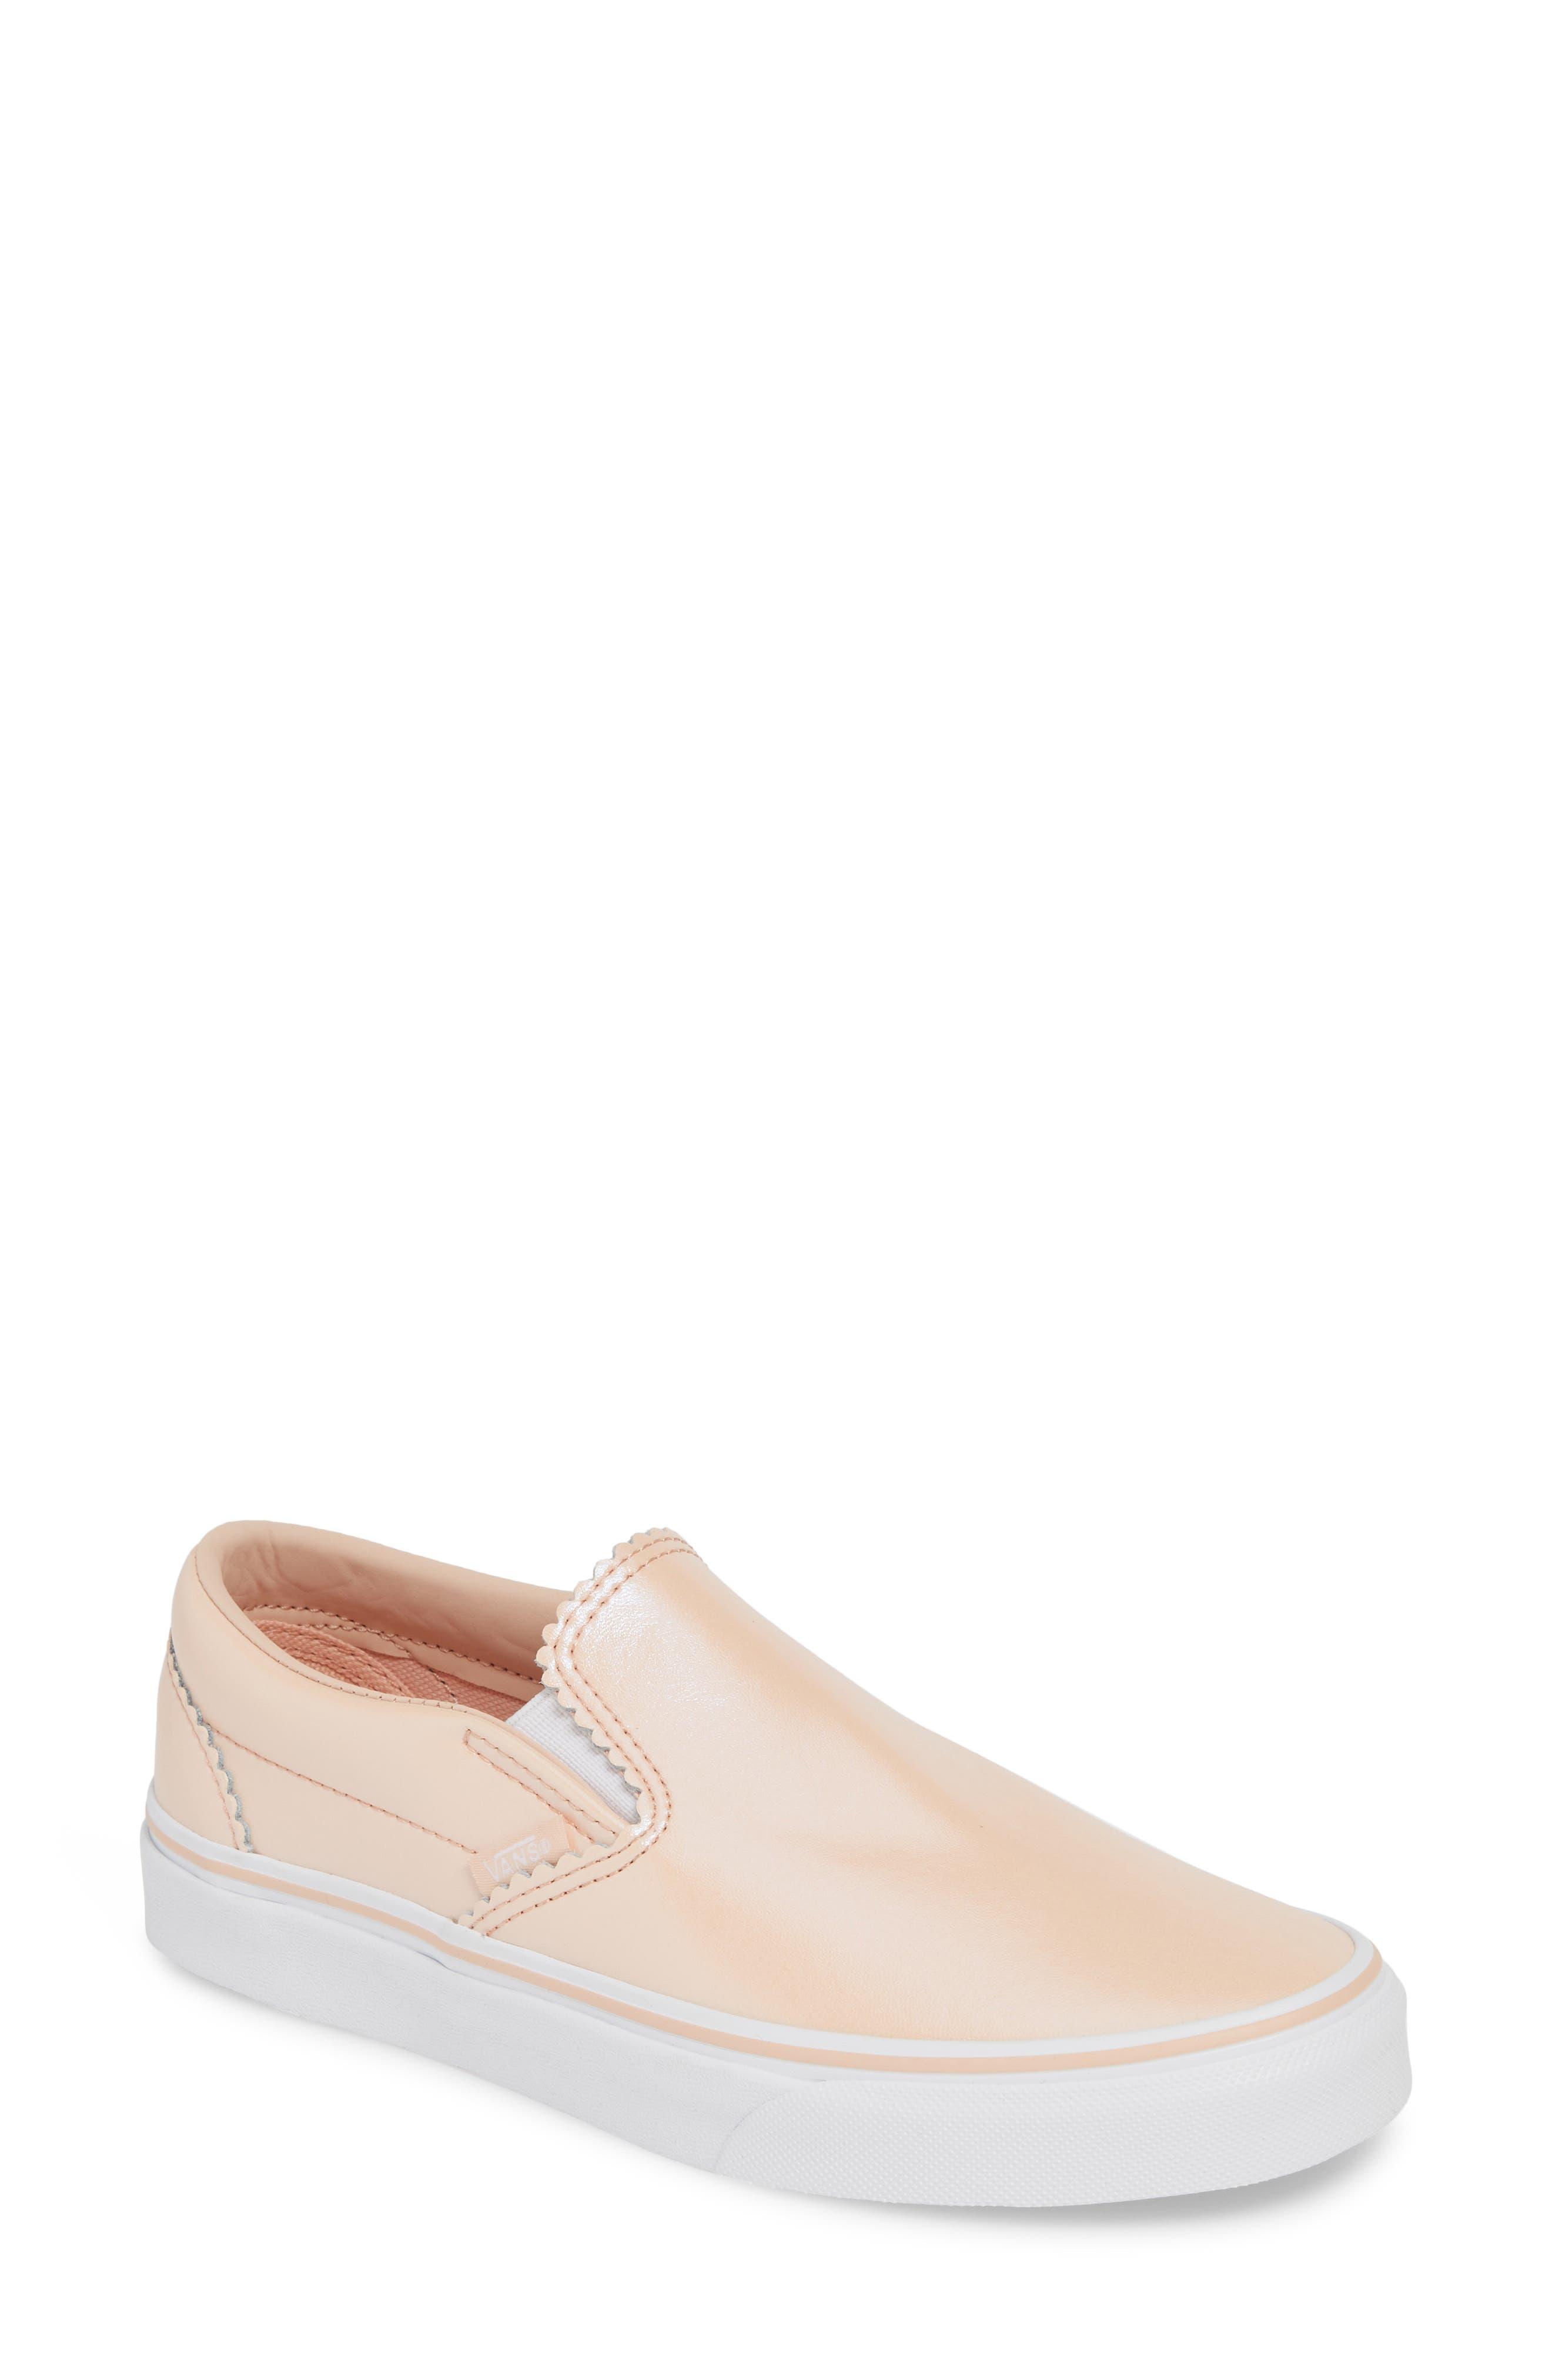 Vans Classic Pearl Slip-On Sneaker- Pink